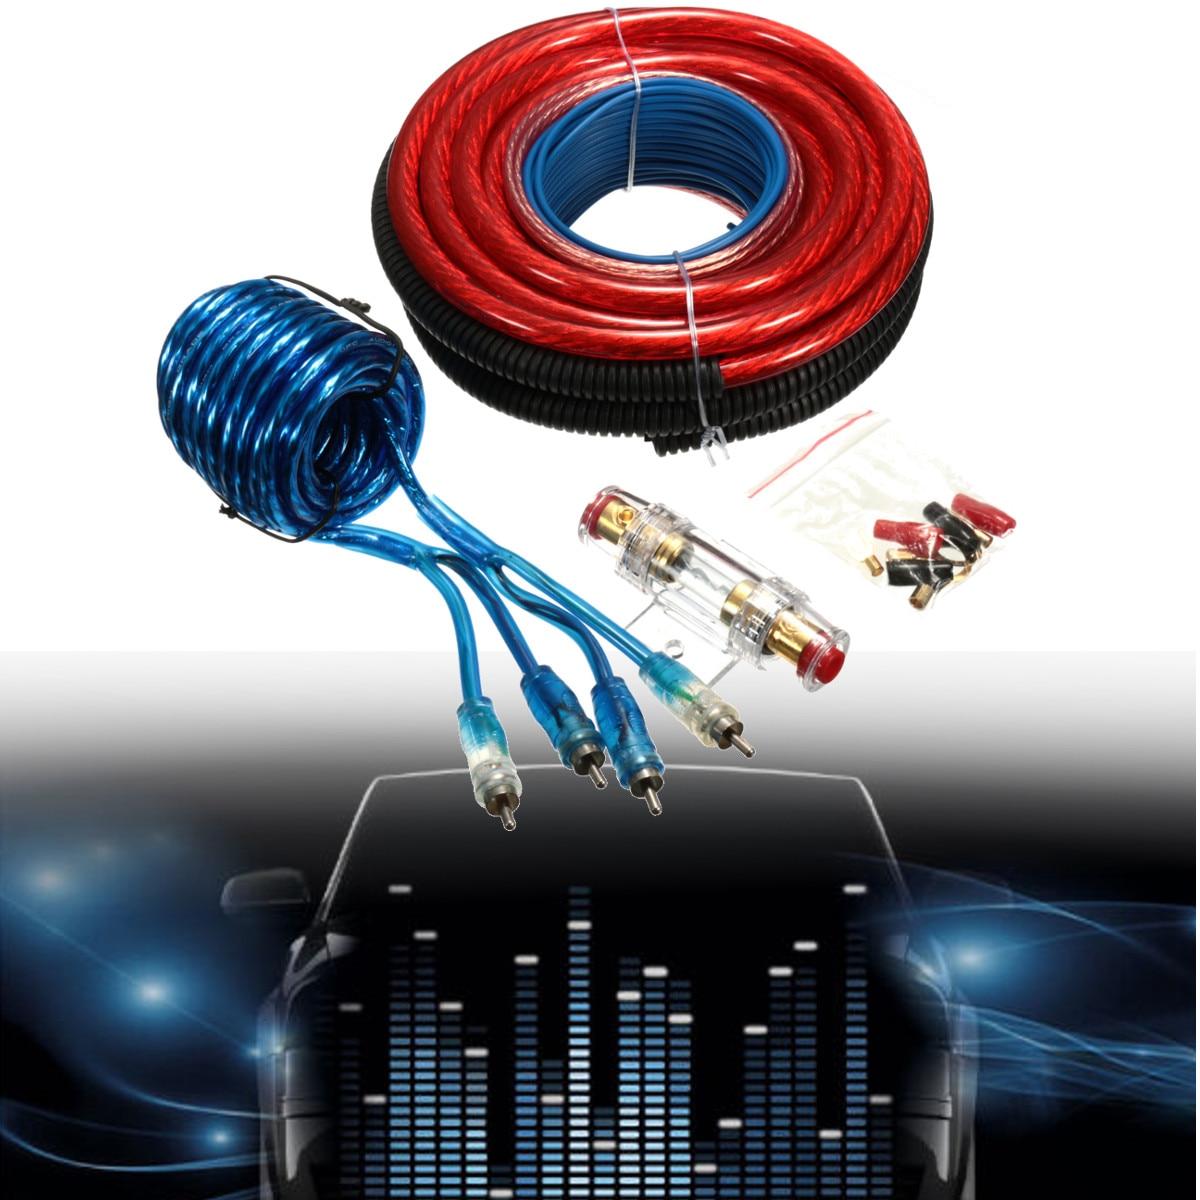 4 2800 W cable de alimentación exprimir conector amplificador completo instalación